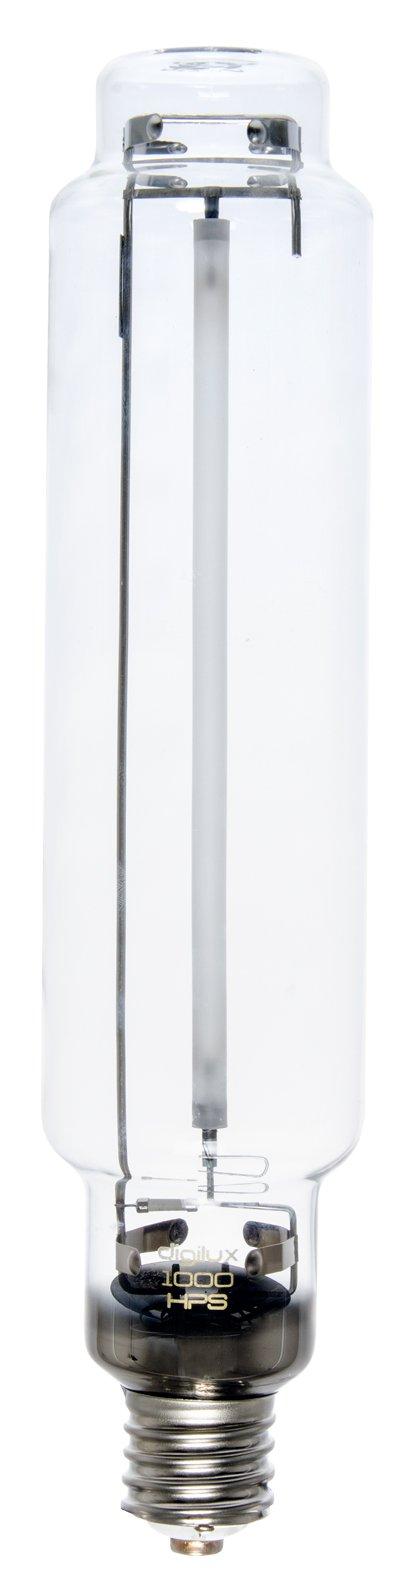 Hydrofarm DX1000HPS Digilux Digital High Pressure Sodium (HPS) Lamp, 1000W, 2000K by Hydrofarm